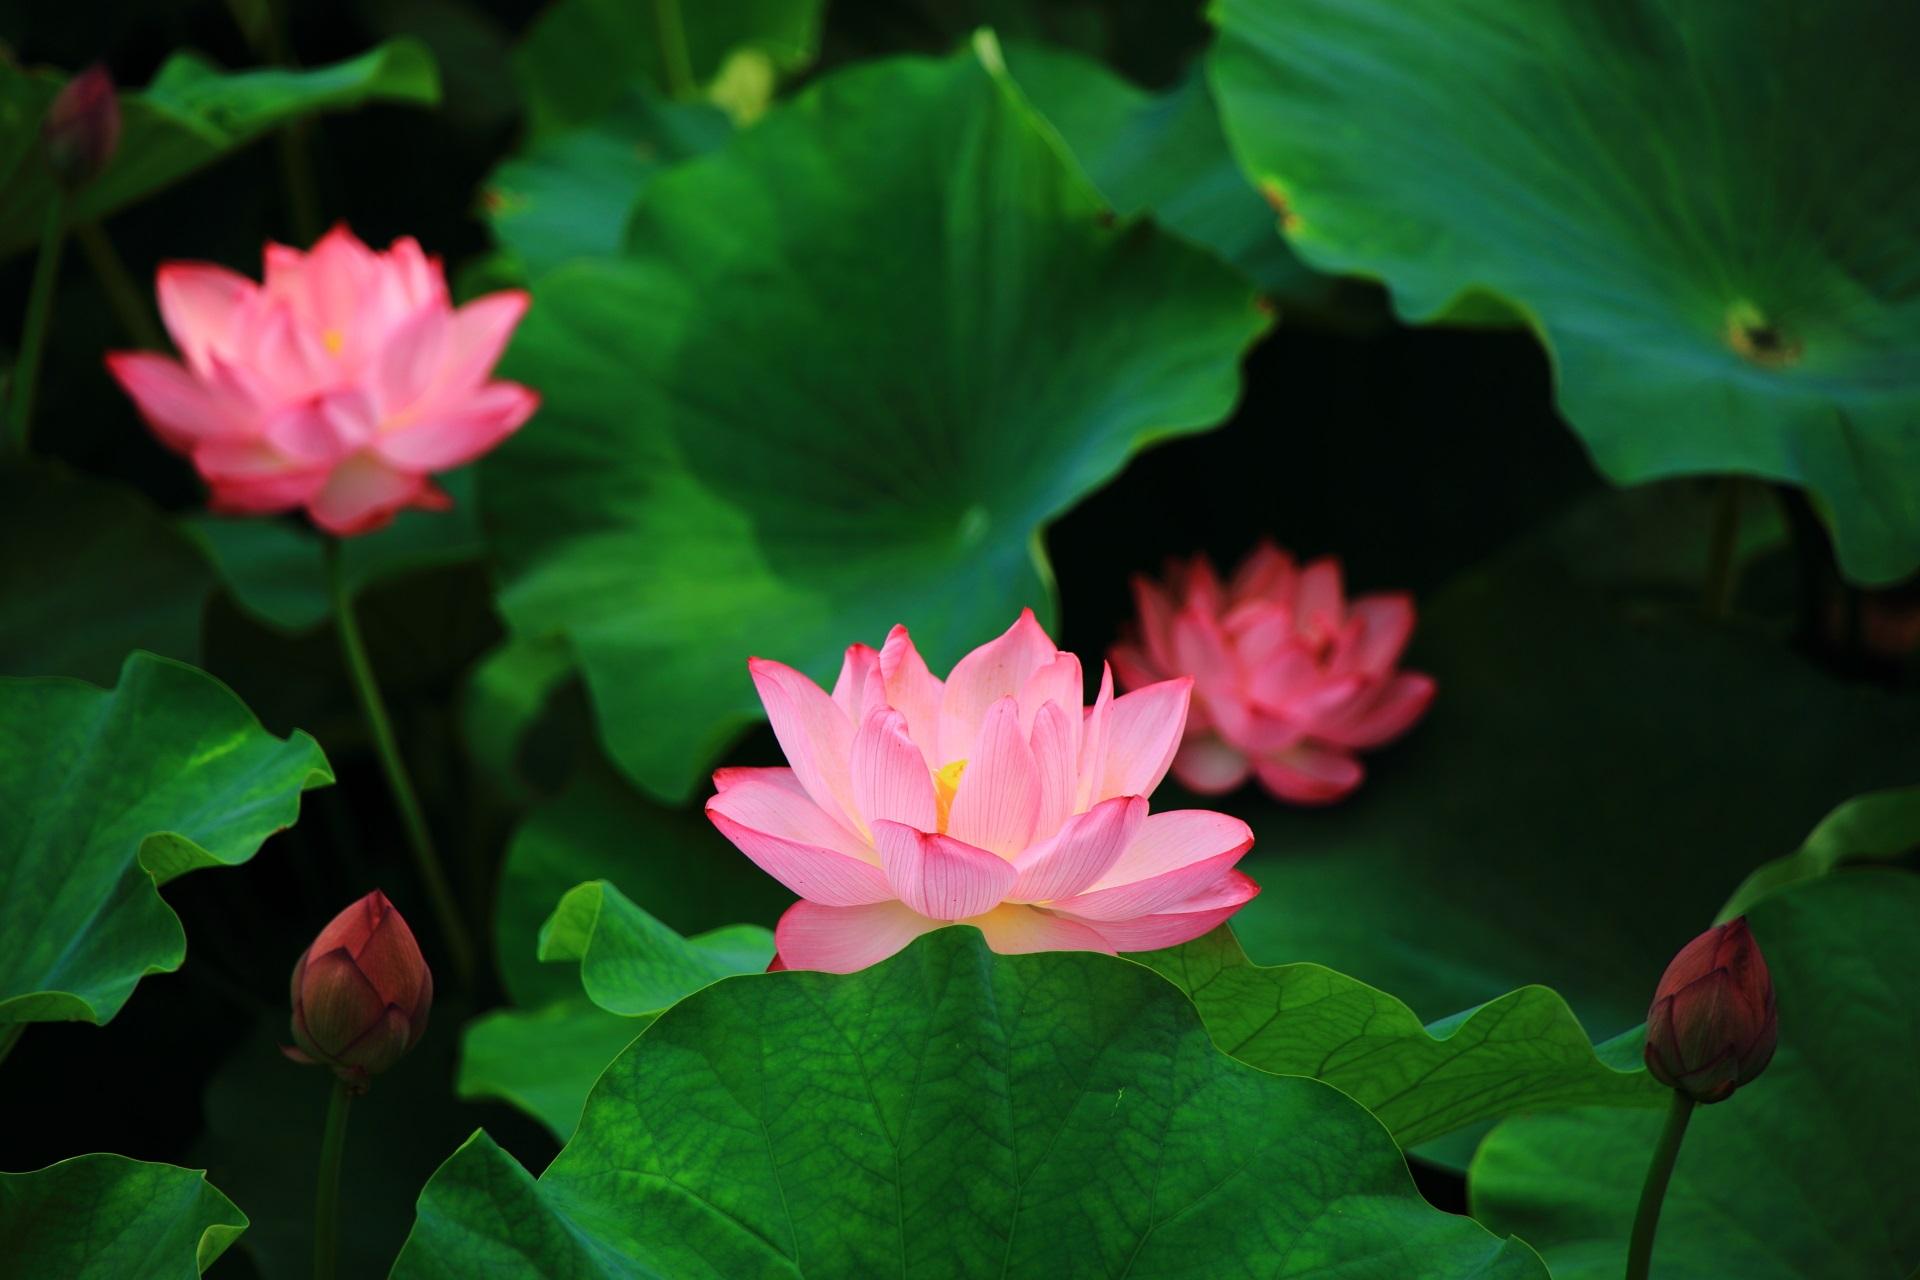 花びら一枚一枚は繊細は蓮の花